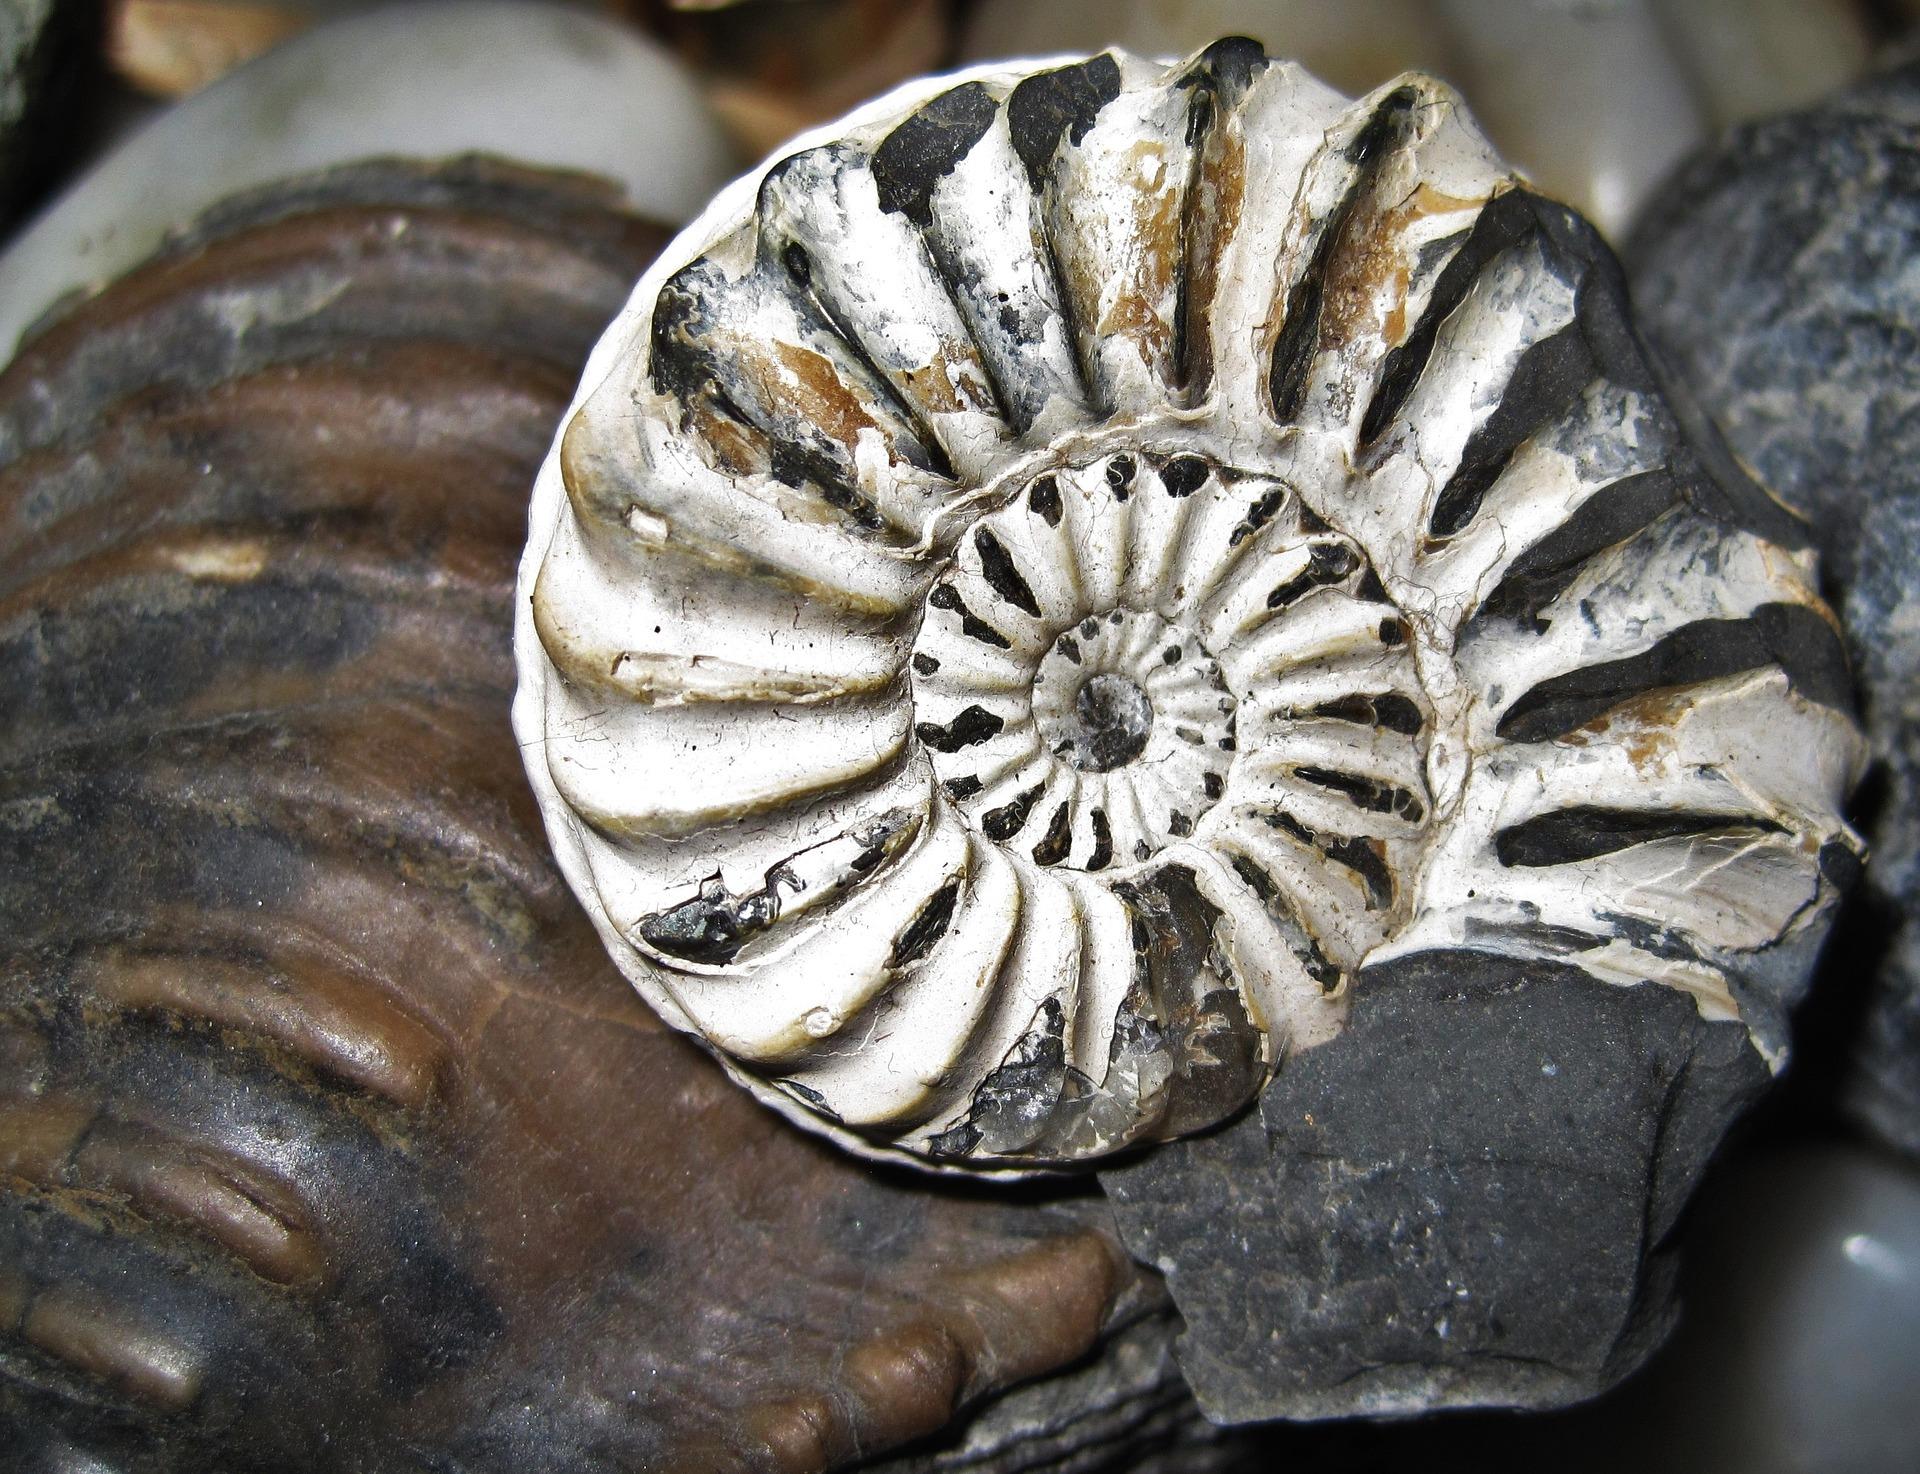 fossil-nautilus-1075011_1920